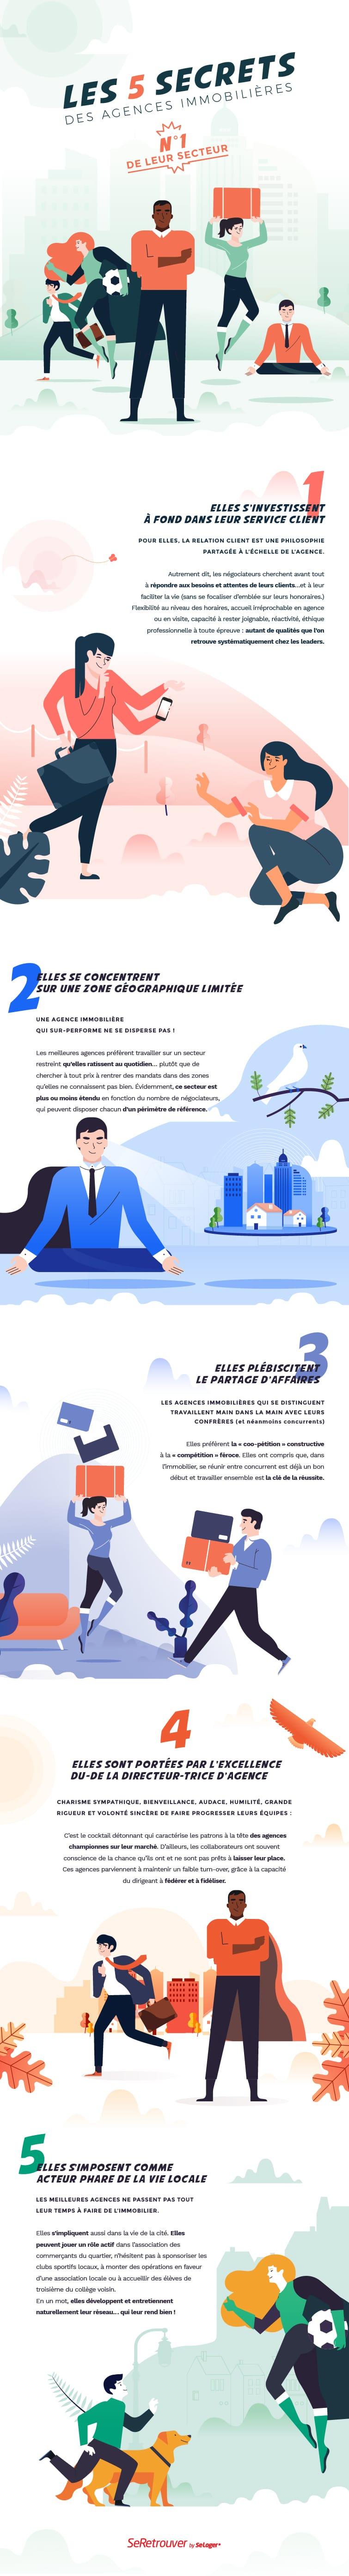 Les 5 secrets des agences immobilières